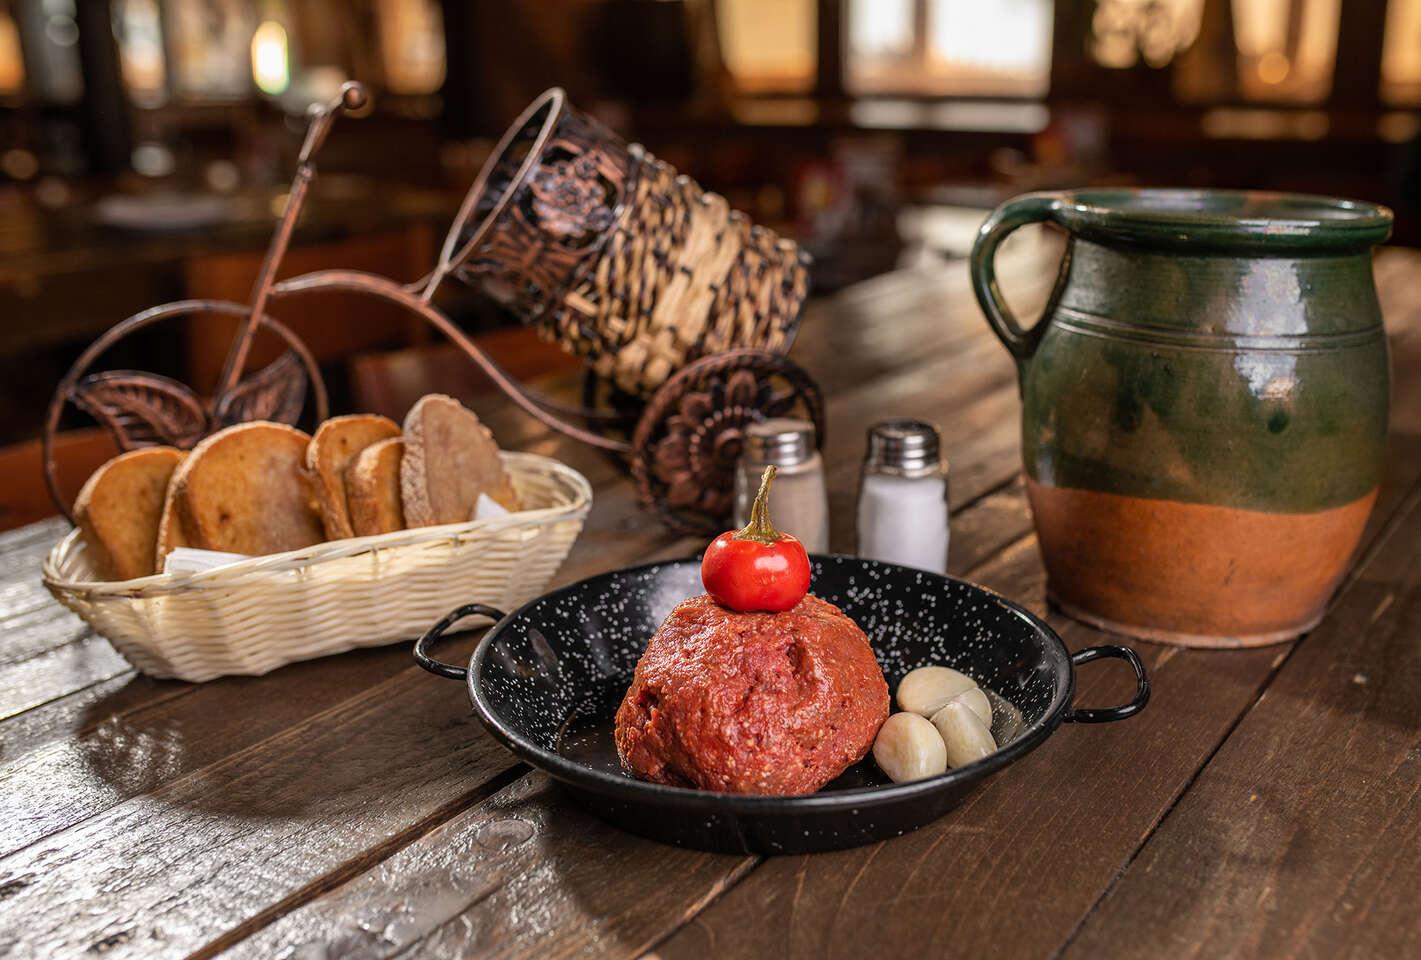 Tatarák z hovädzieho mäsa a 8 hrianok pre 2 osoby v bratislavskom Mamut pube